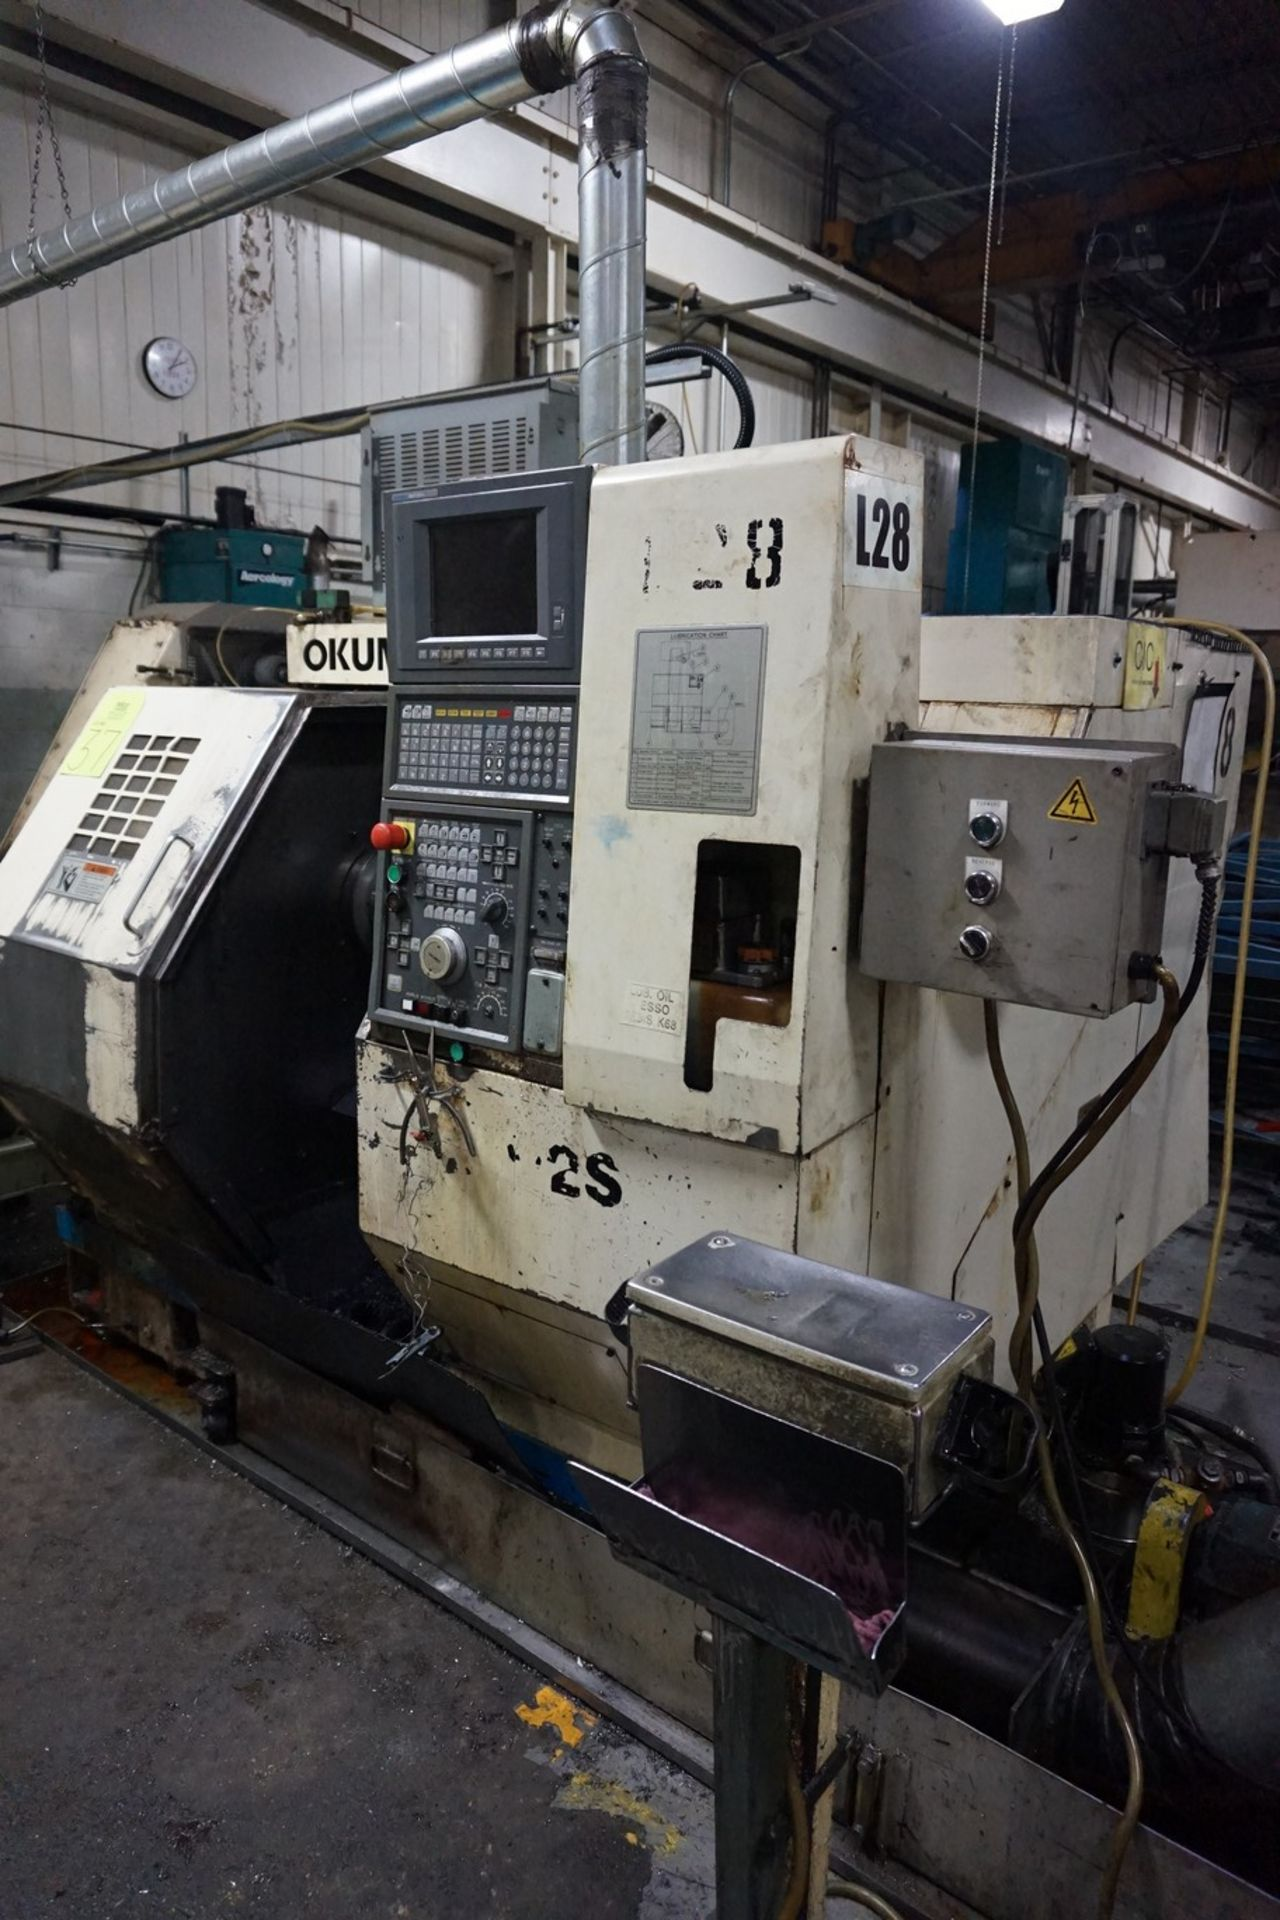 Okuma Model LCC15-2S CNC Lathe 220/240V c/w Chip Conveyor, Transformer - Image 2 of 11